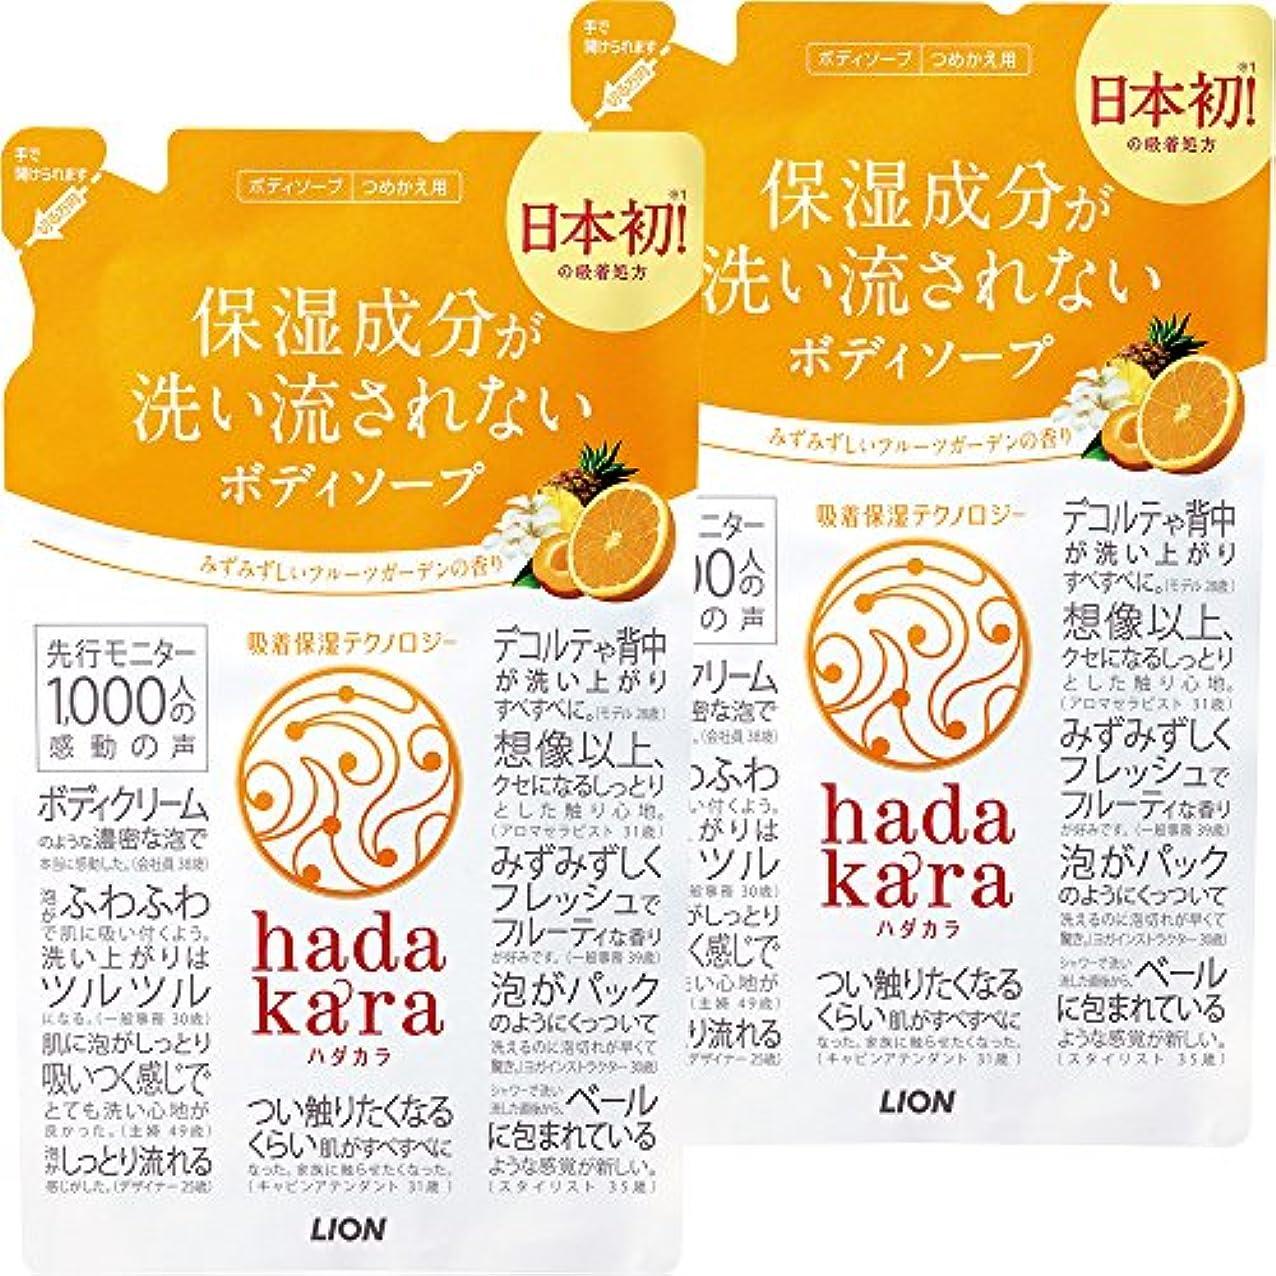 挽く囲いサルベージ【まとめ買い】hadakara(ハダカラ) ボディソープ フルーツガーデンの香り 詰め替え 360ml×2個パック